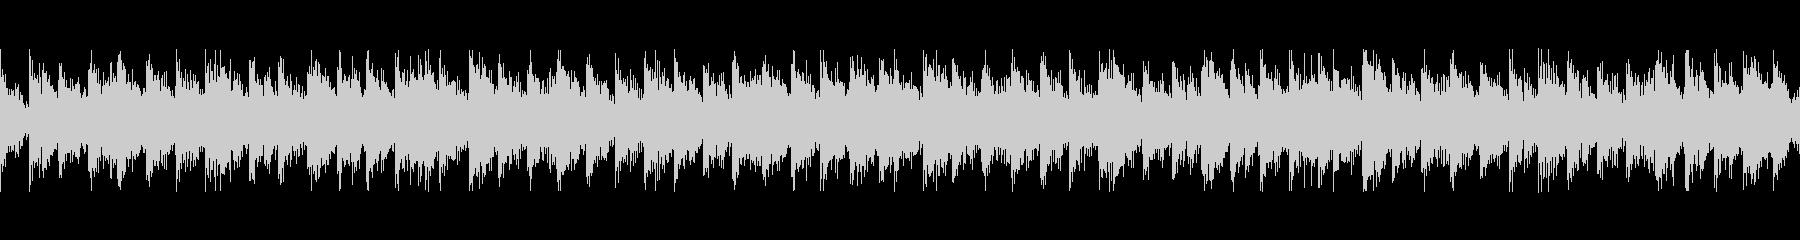 パーカッション民族楽器風・変拍子・ループの未再生の波形